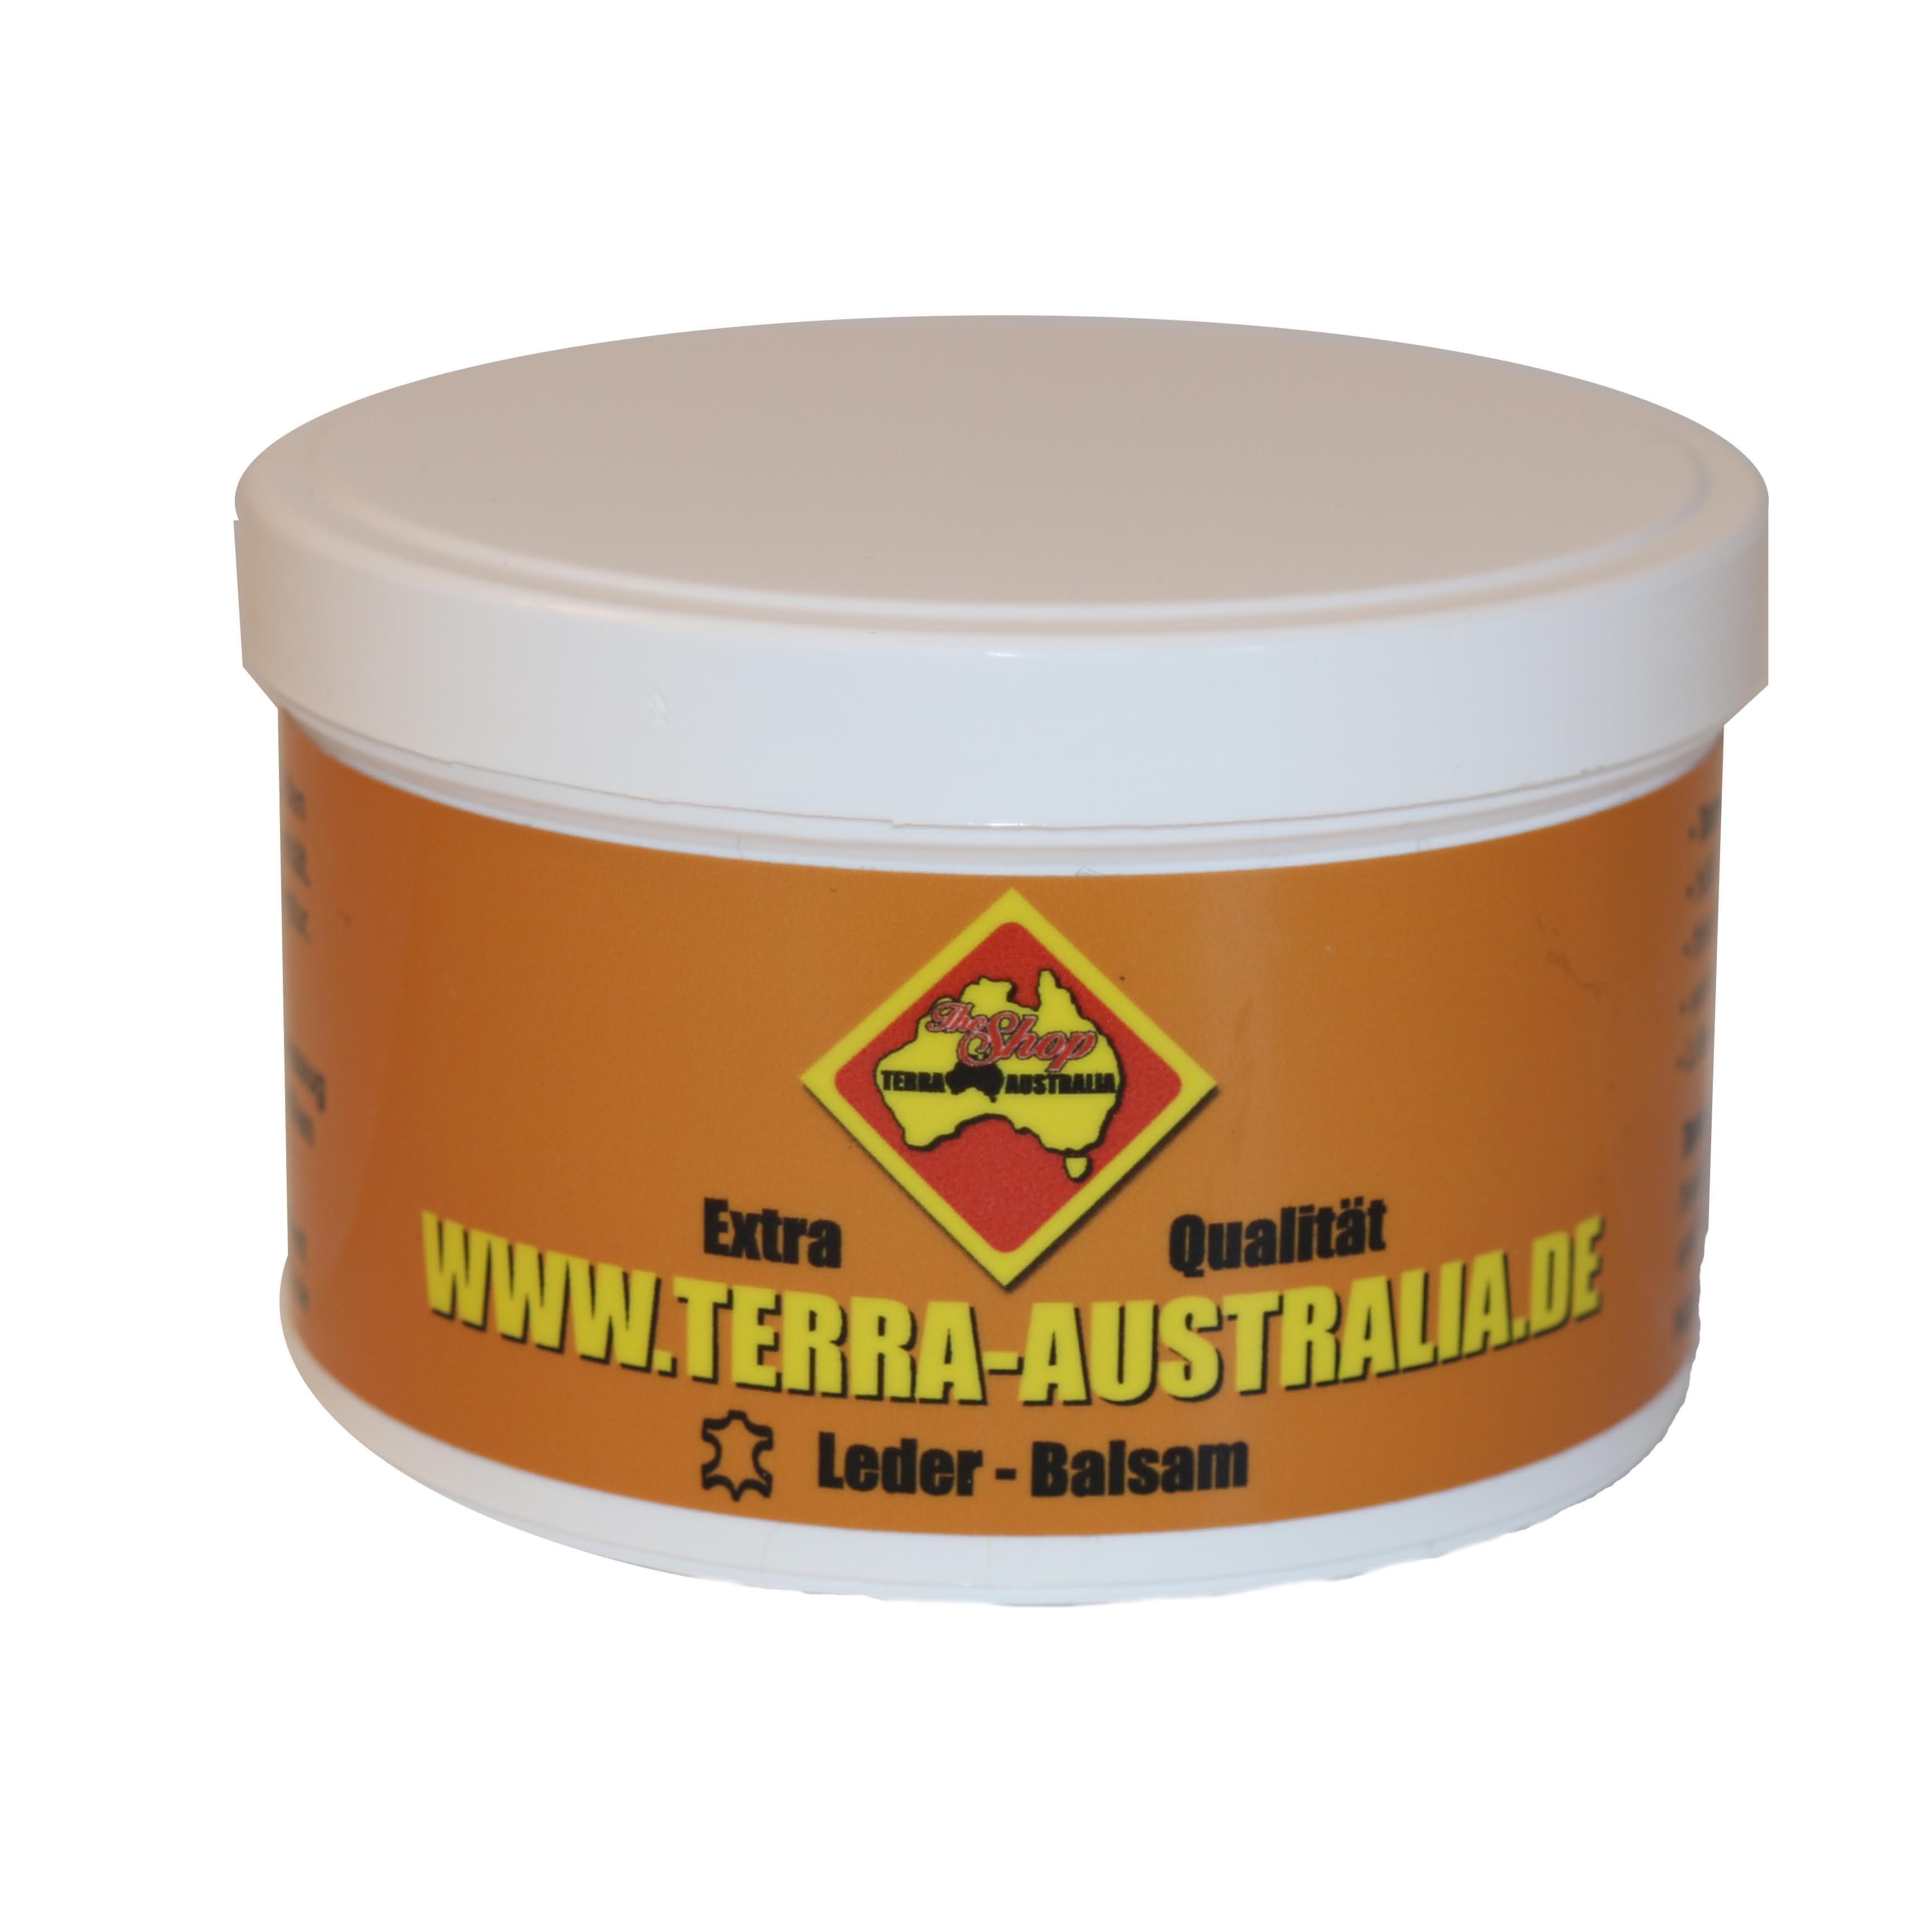 Terra Australia Leder-Balsam 250ml